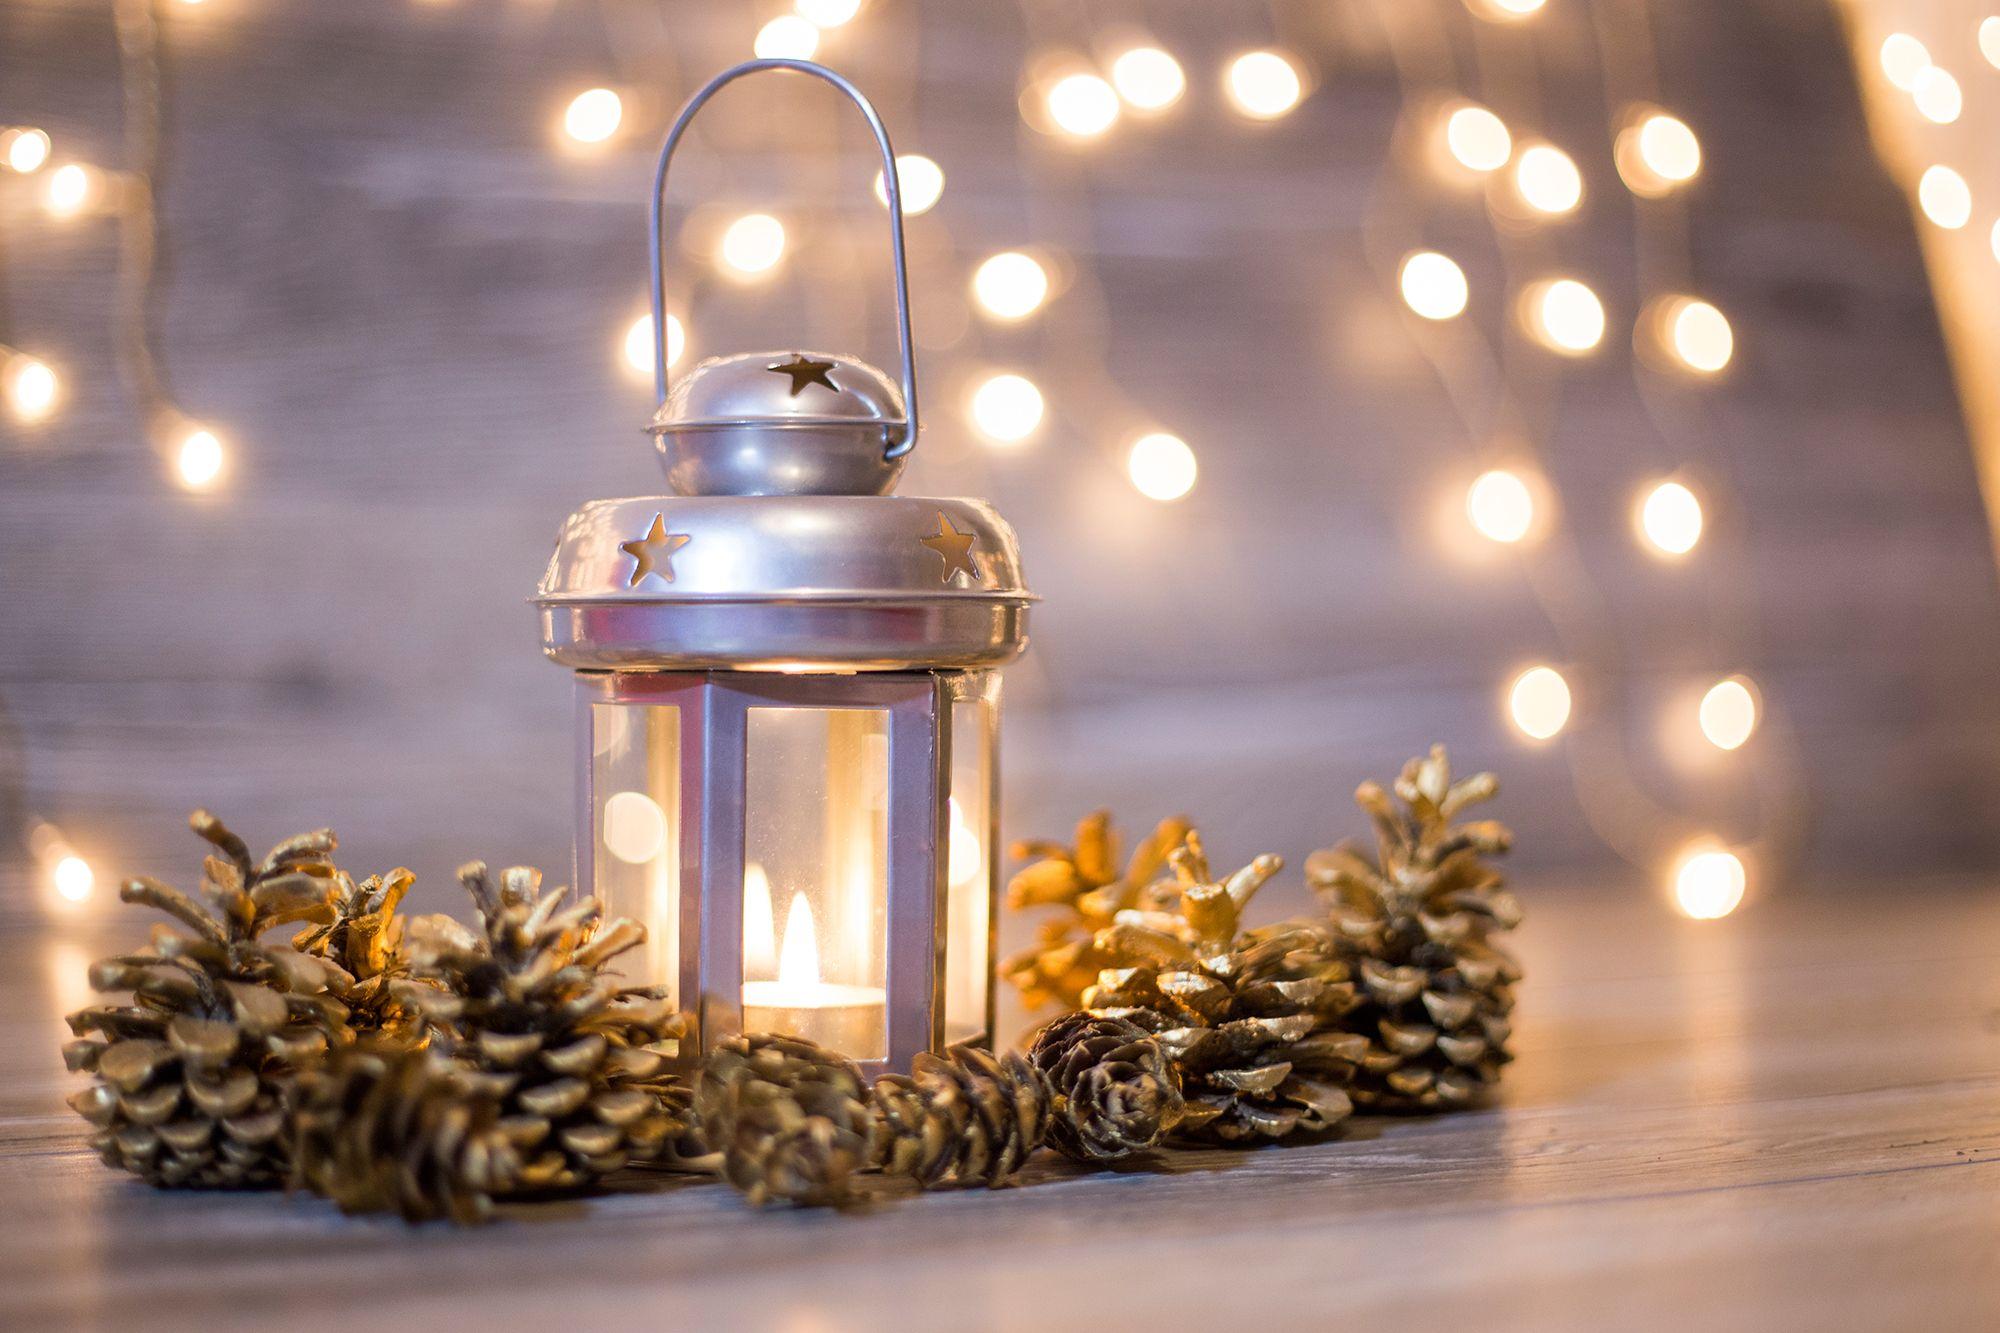 decorar dormitorio estilo nórdico - velas